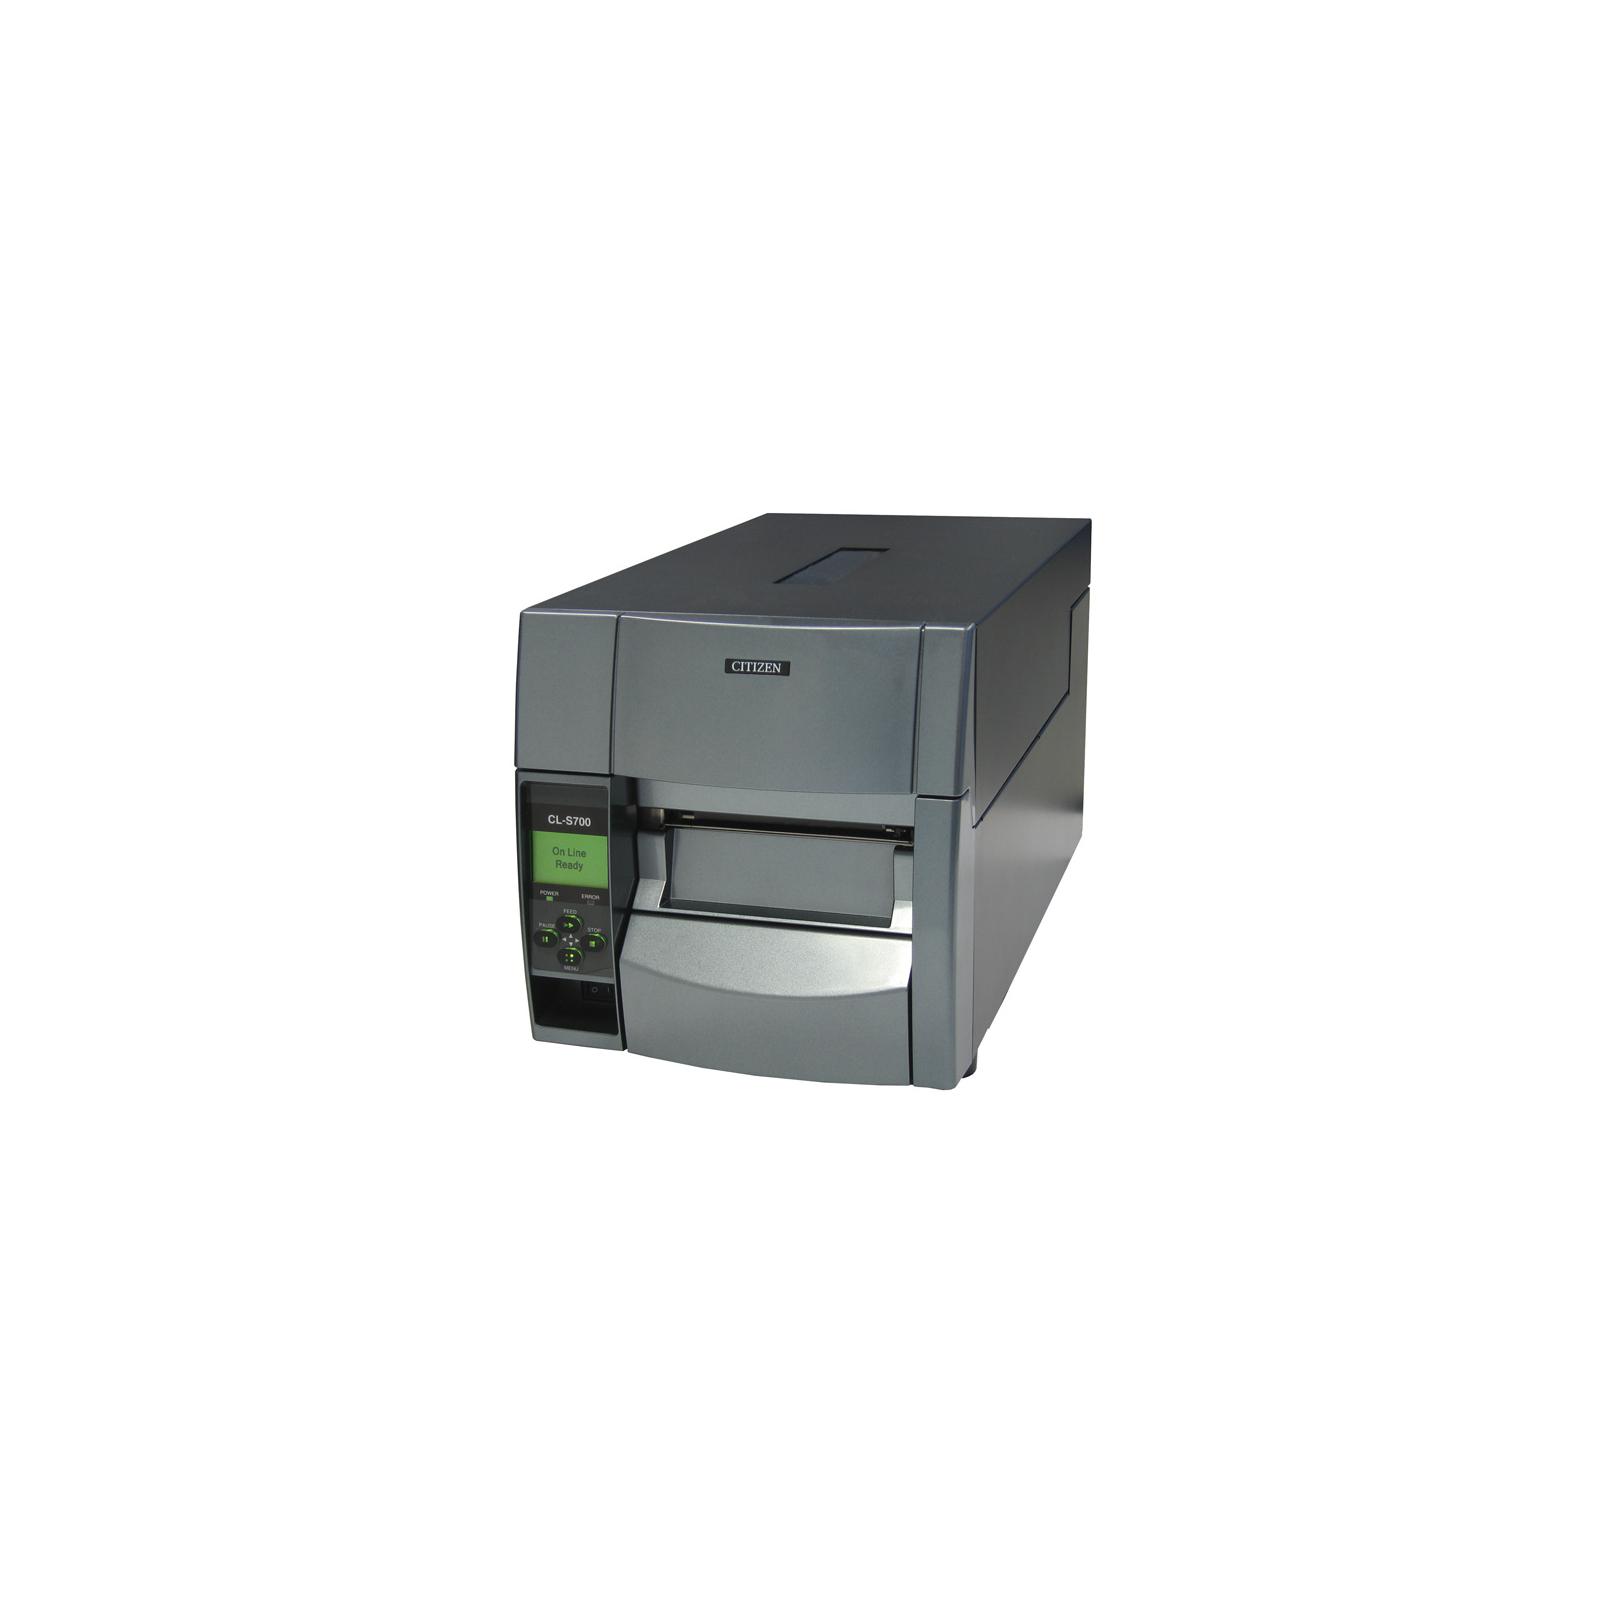 Принтер этикеток Citizen CL-S700 ethernet (1000843)